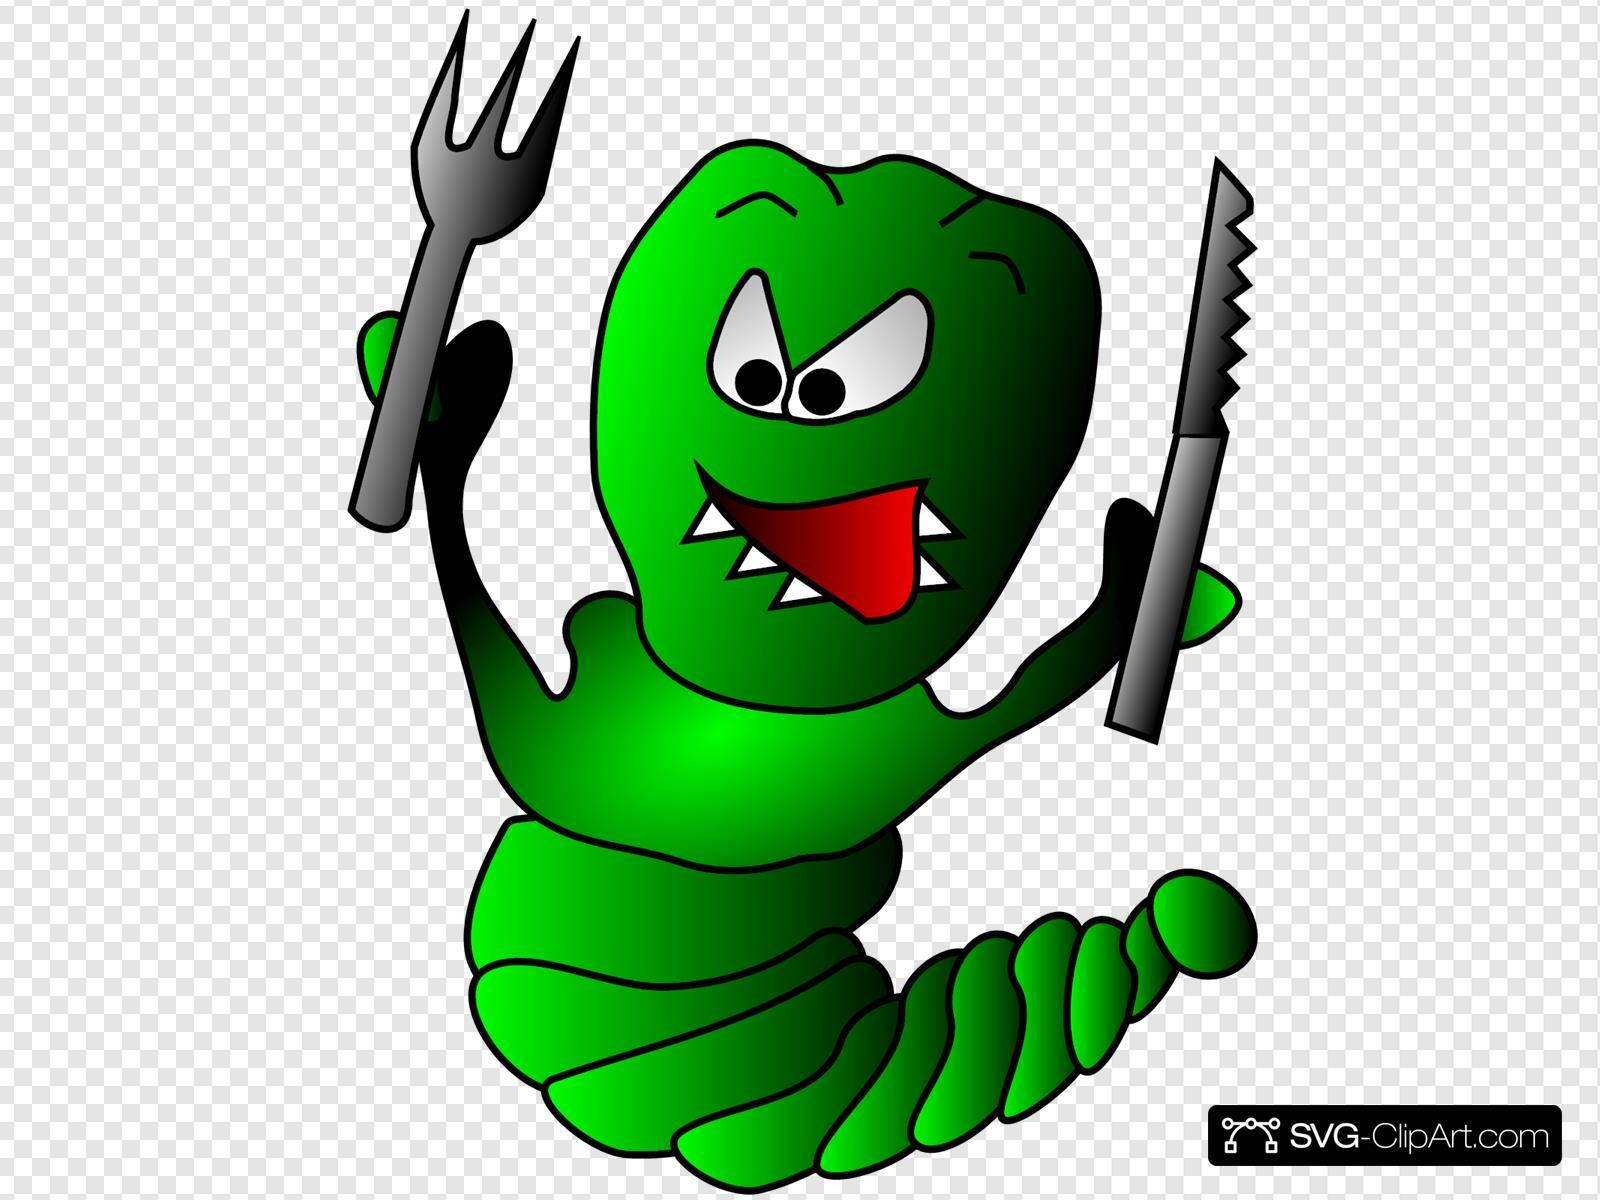 Caterpillar Svg Vector Caterpillar Clip Art Svg Clipart